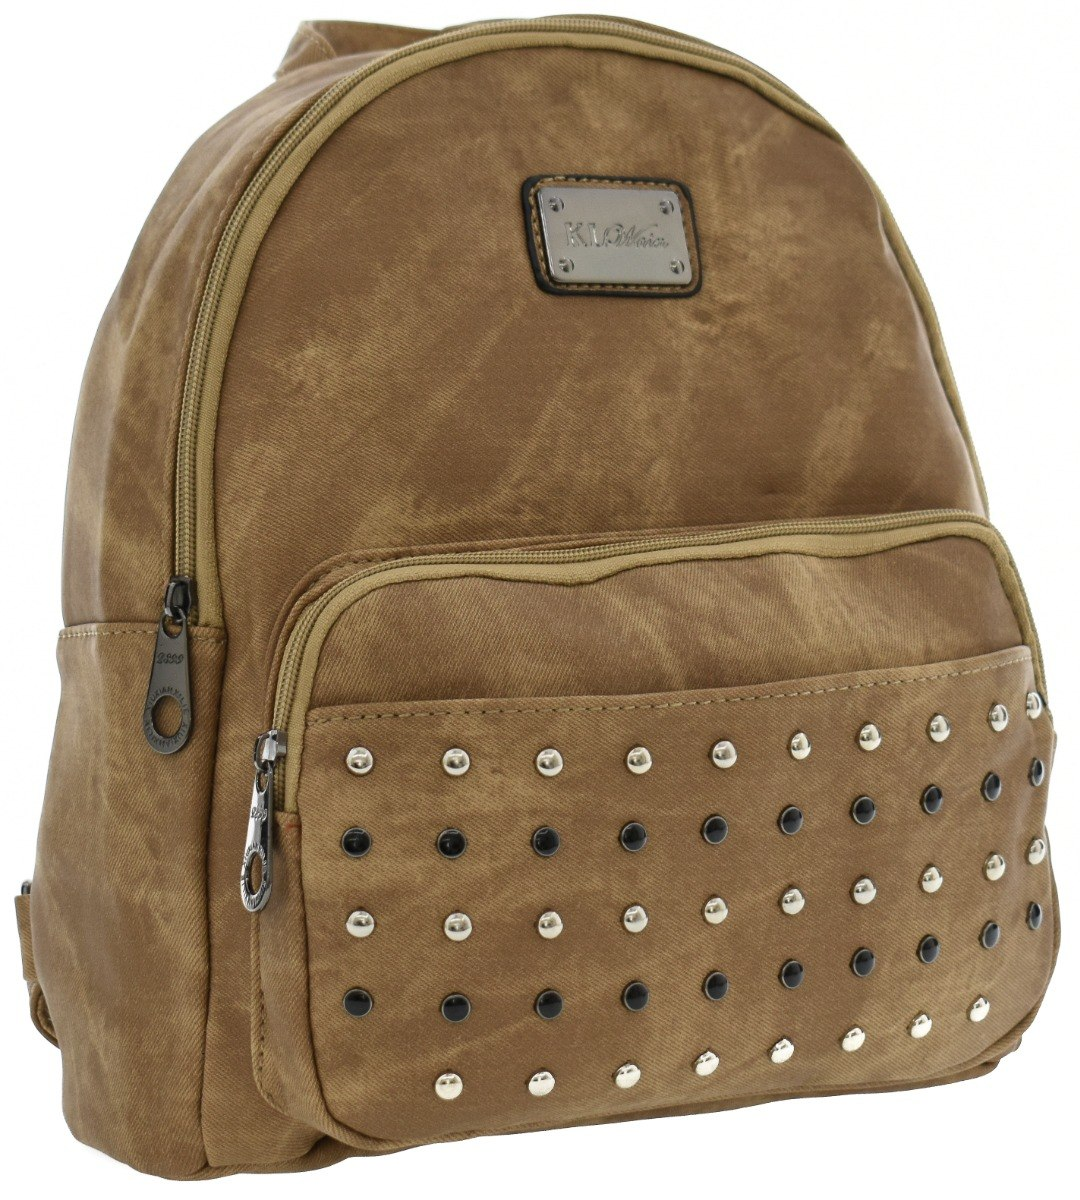 c466471422 bolsa feminina média mochila couro pu alta qualidade nova. Carregando zoom.